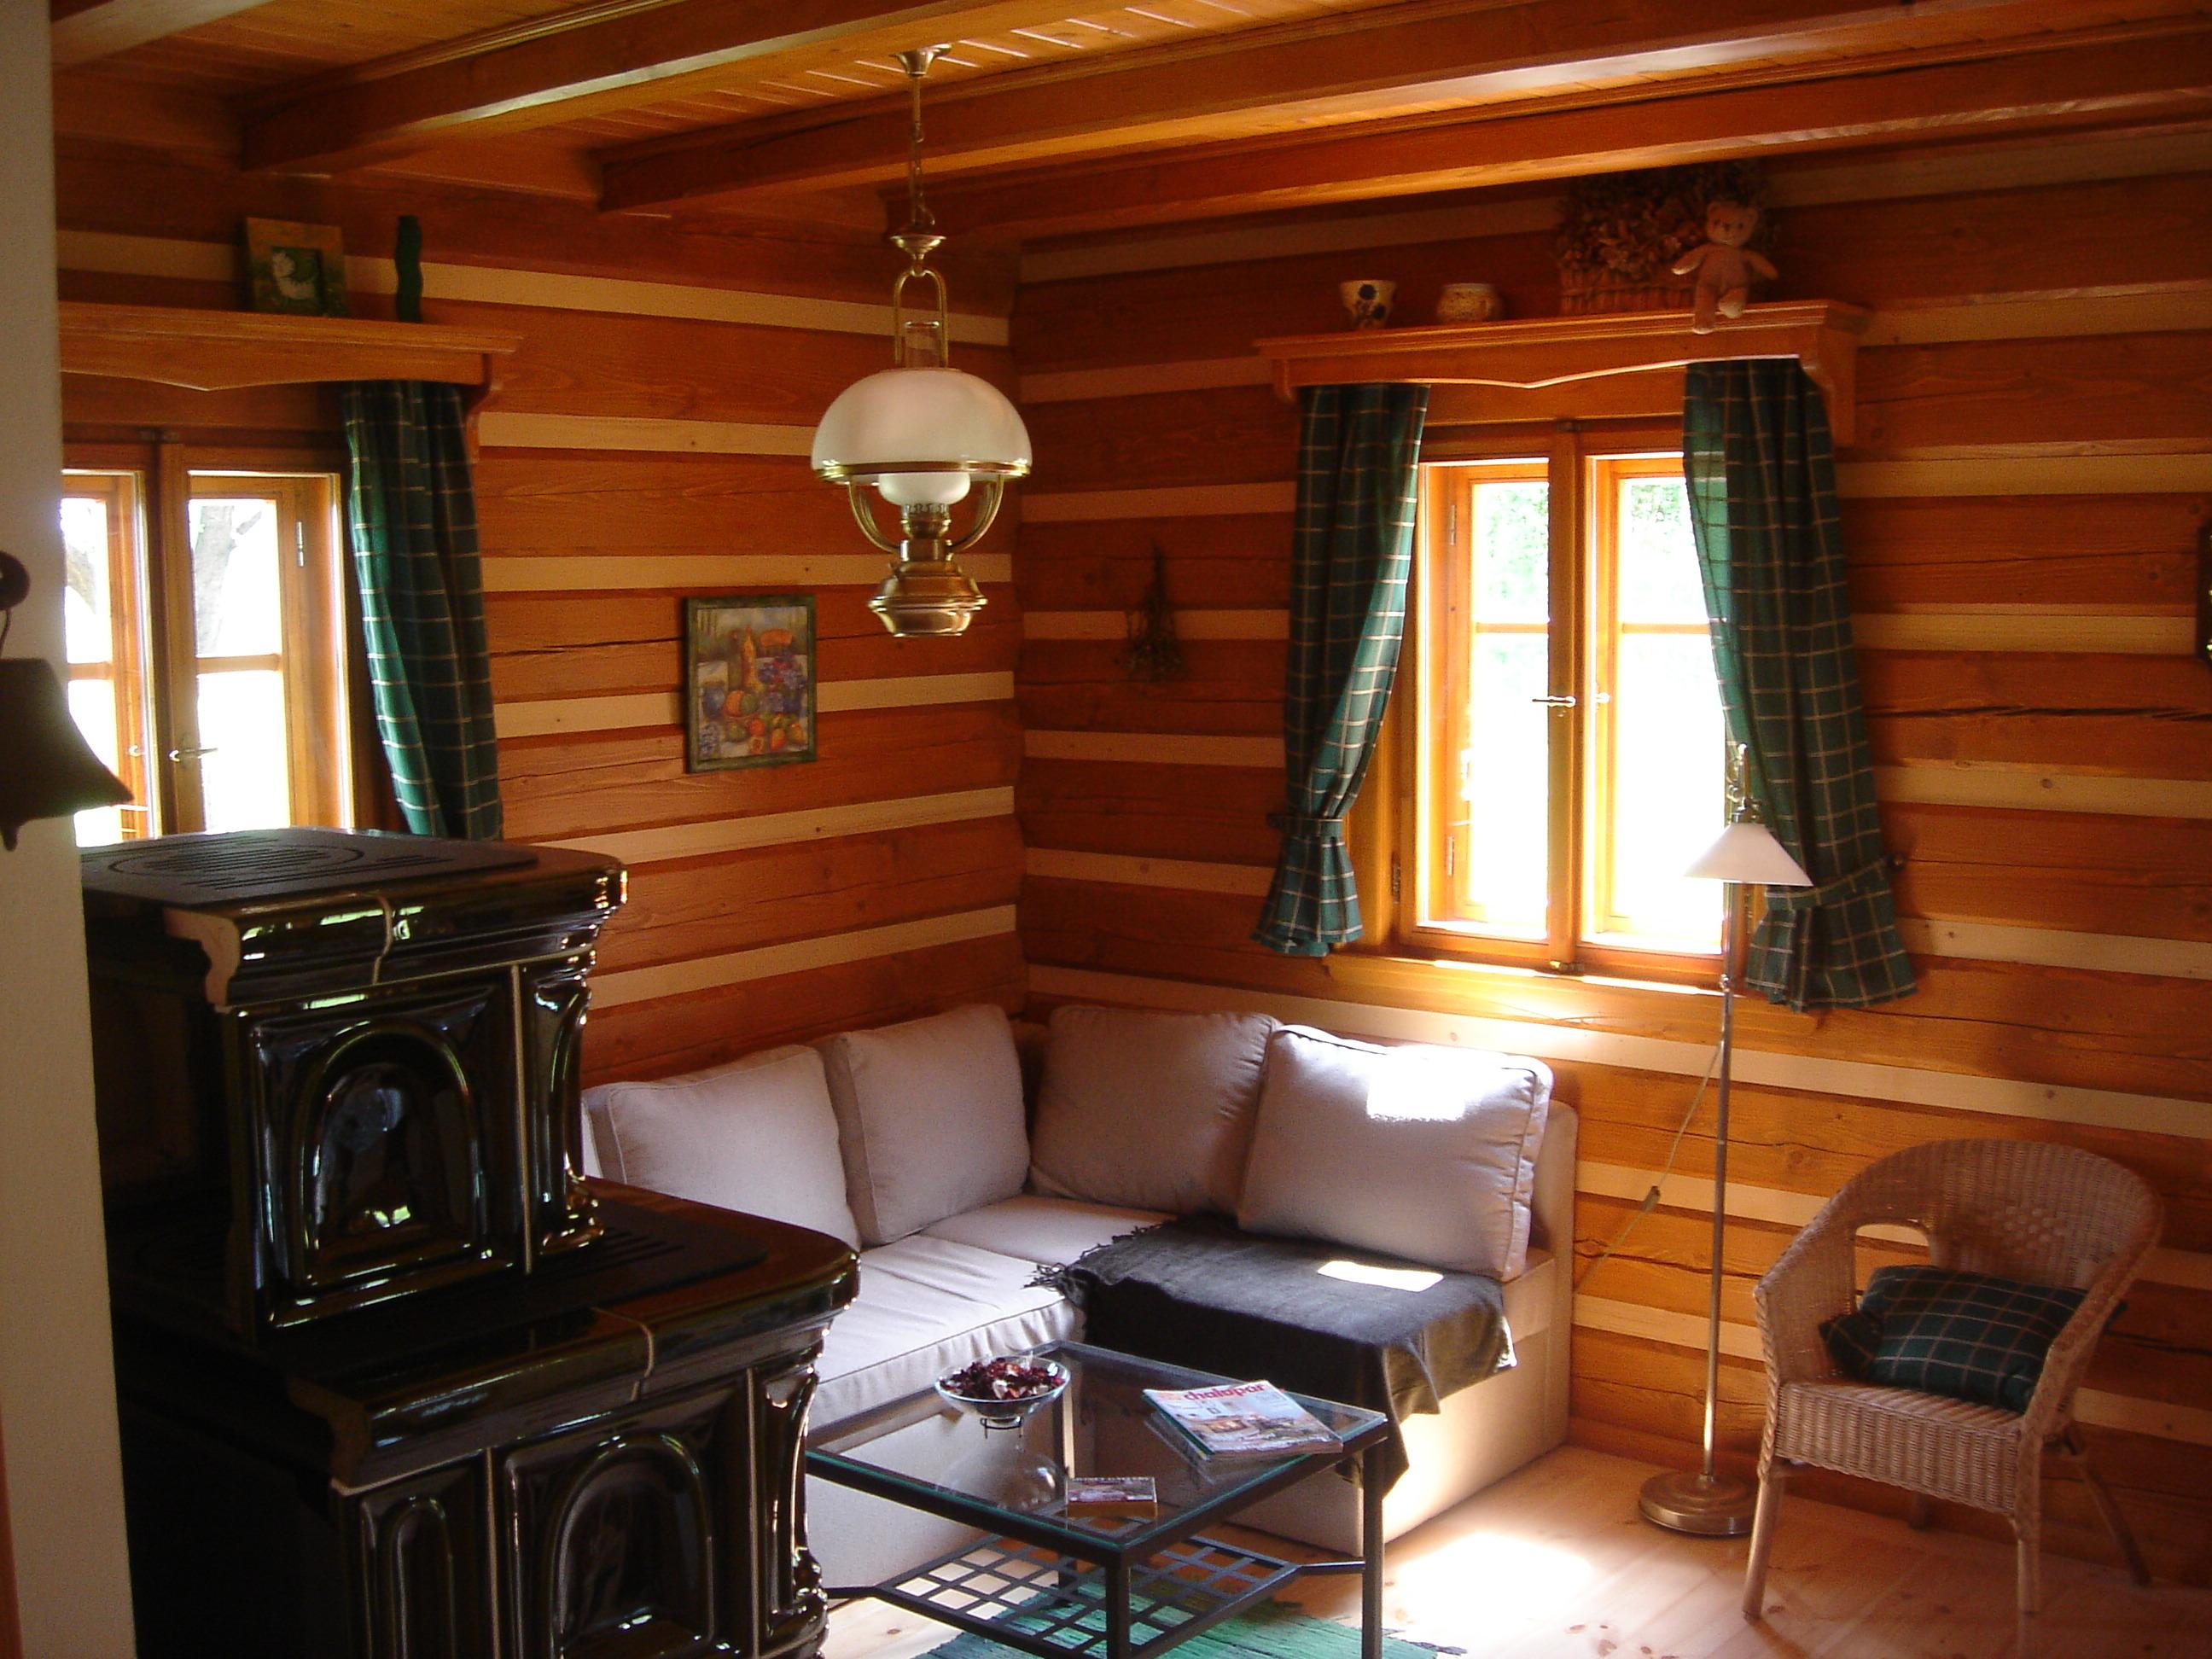 interiér roubenky, kachlová kamna